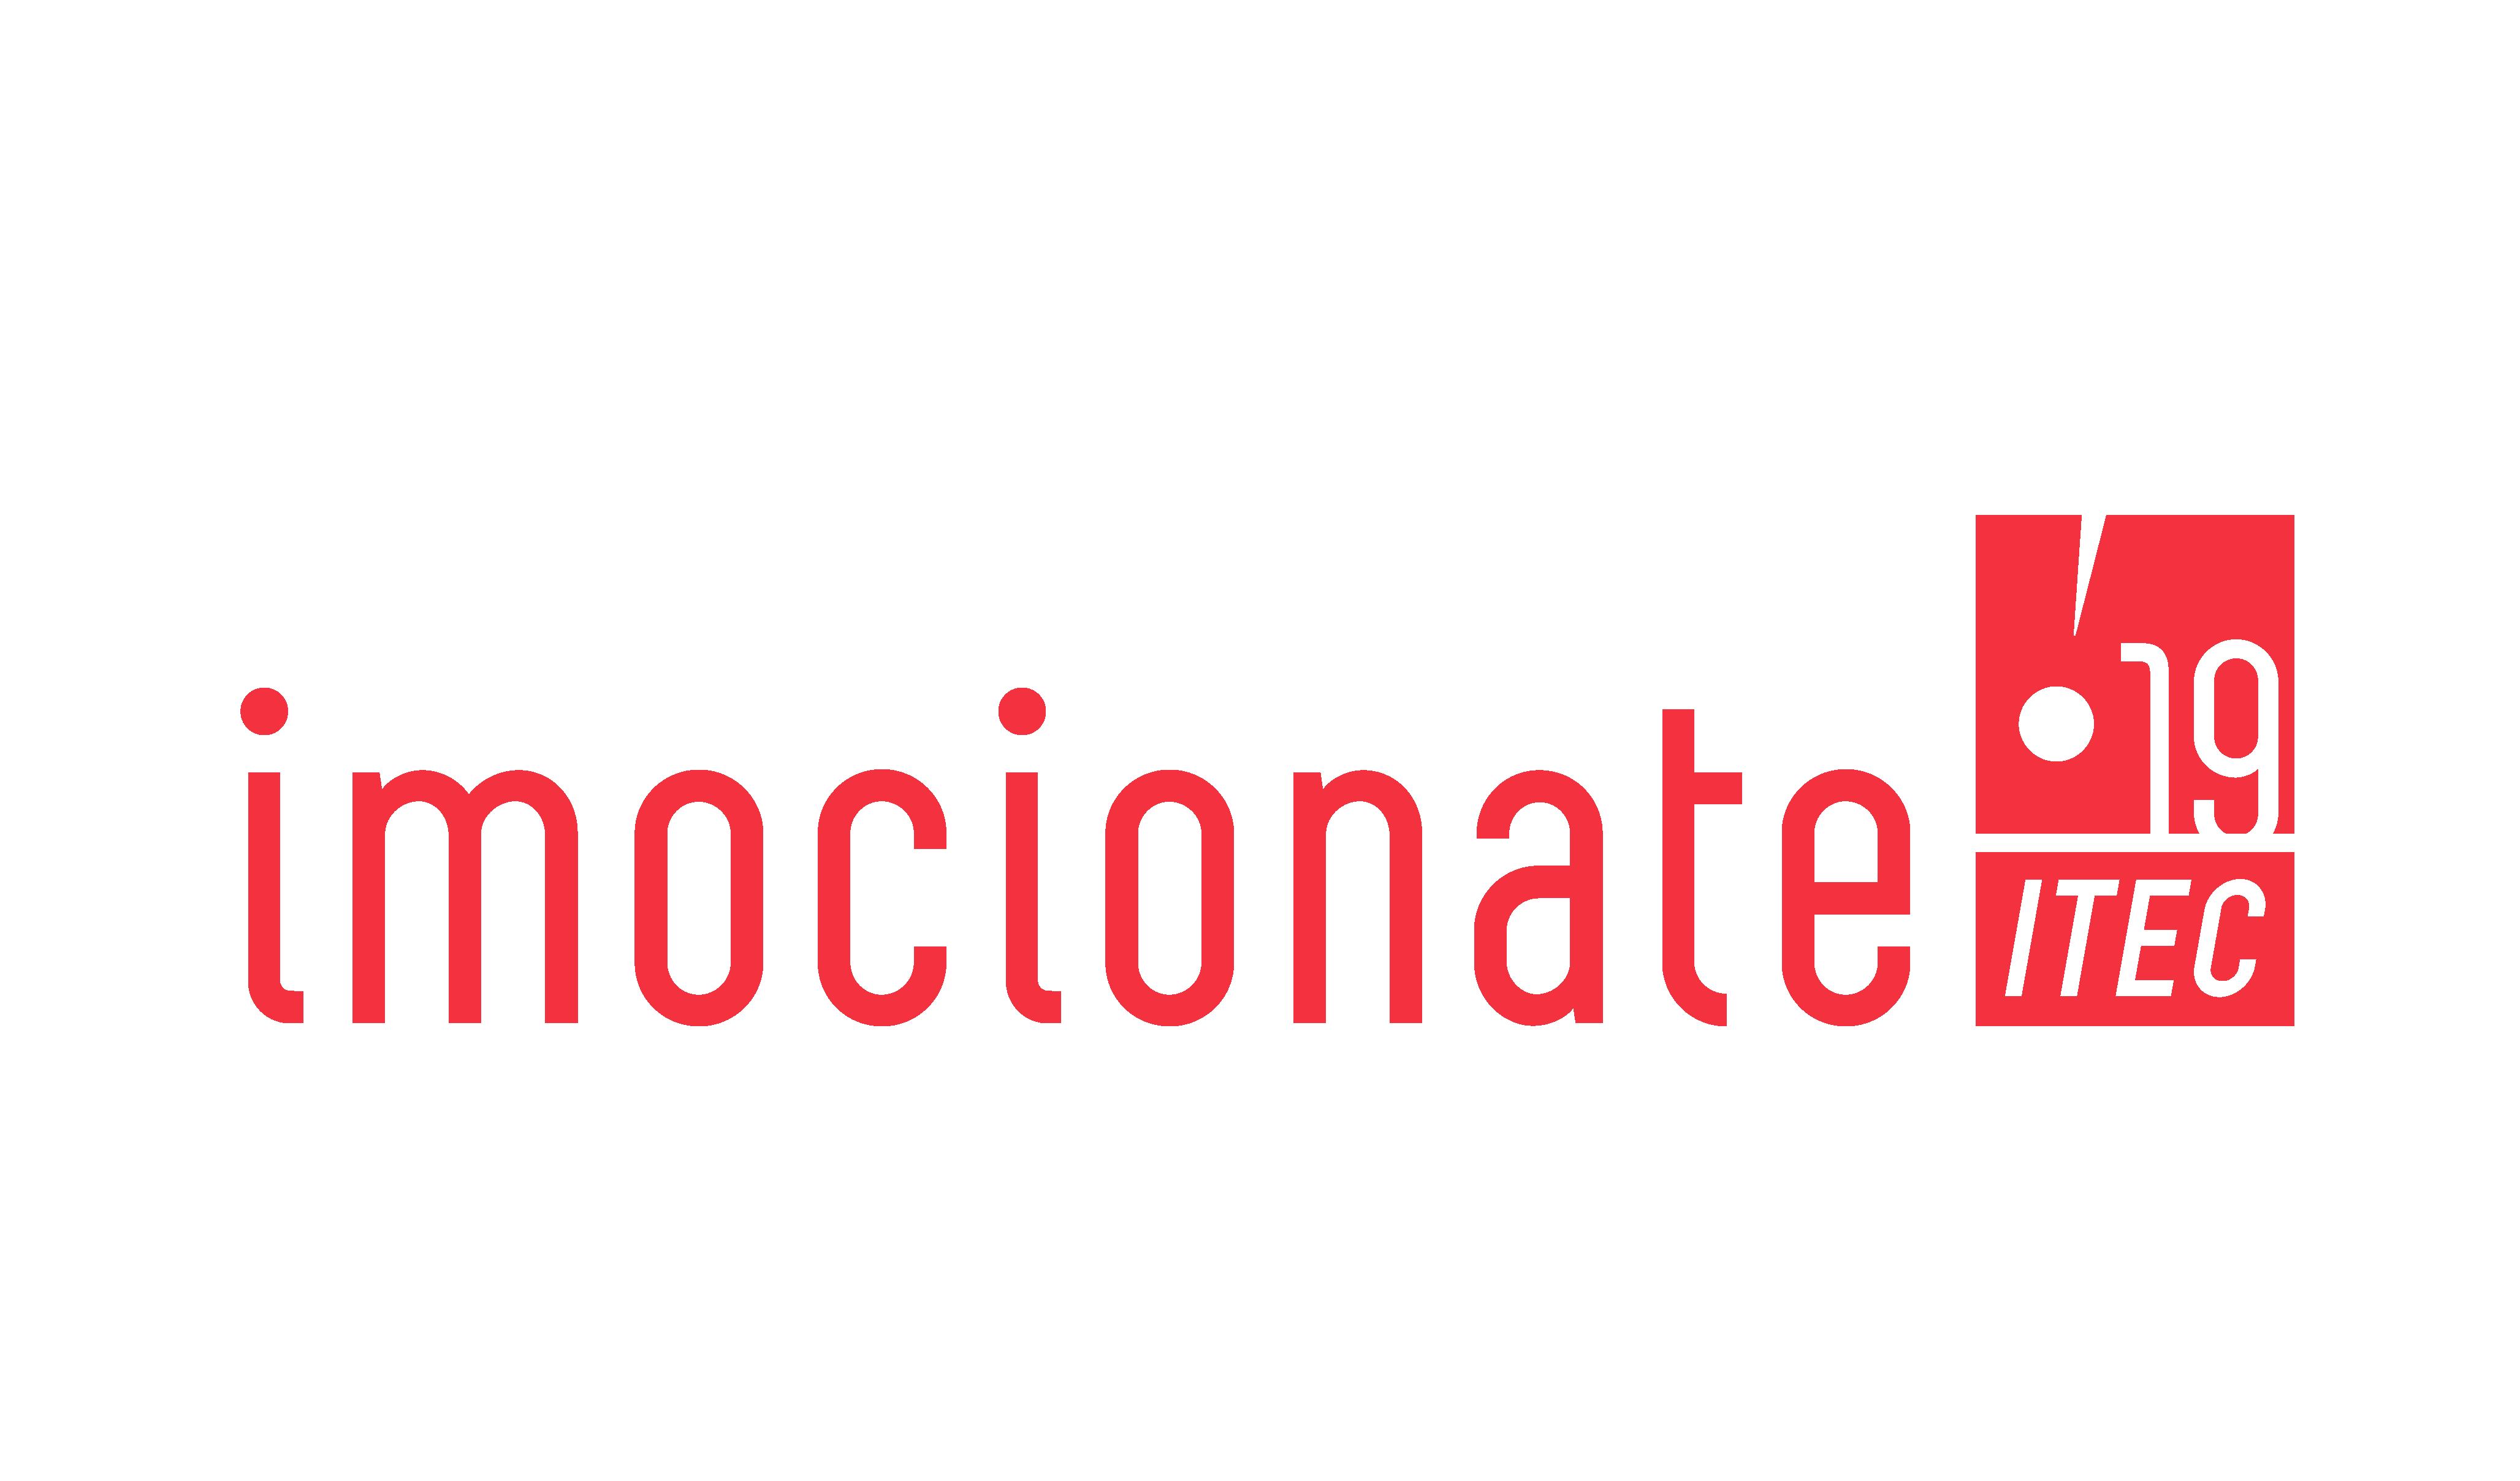 IMOCIONATE iTEC 2019 realiza-se dia 26 de setembro, no Centro de Congressos do Estoril / IMOCIONATE iTEC